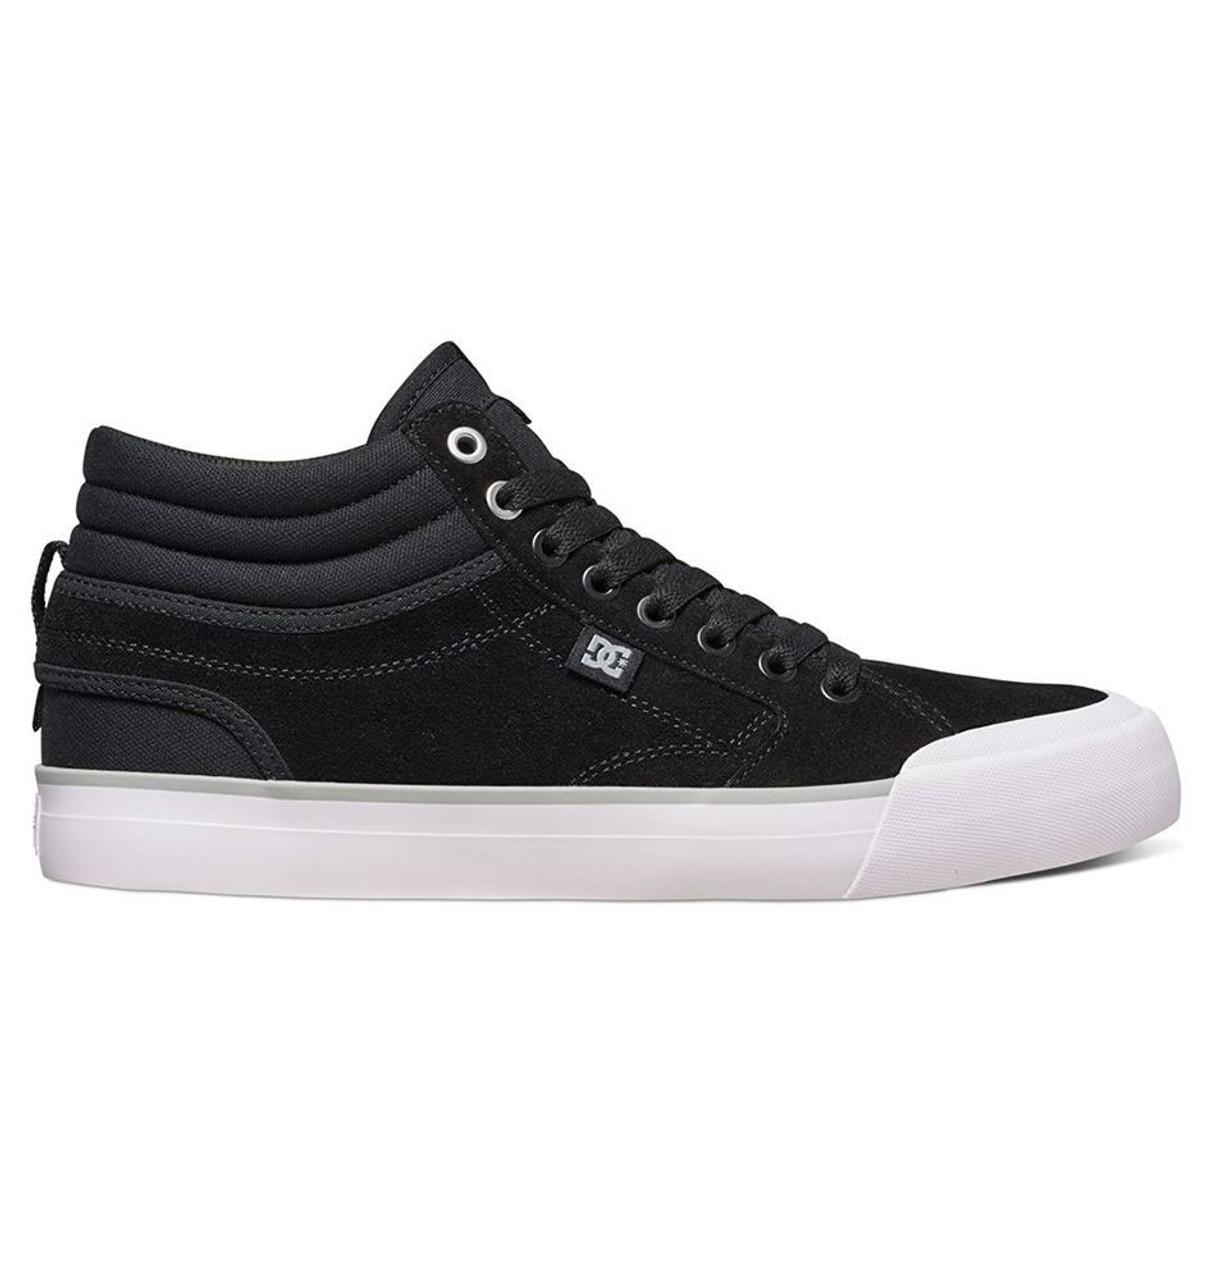 DC Shoes Evan Smith Hi S Black/White